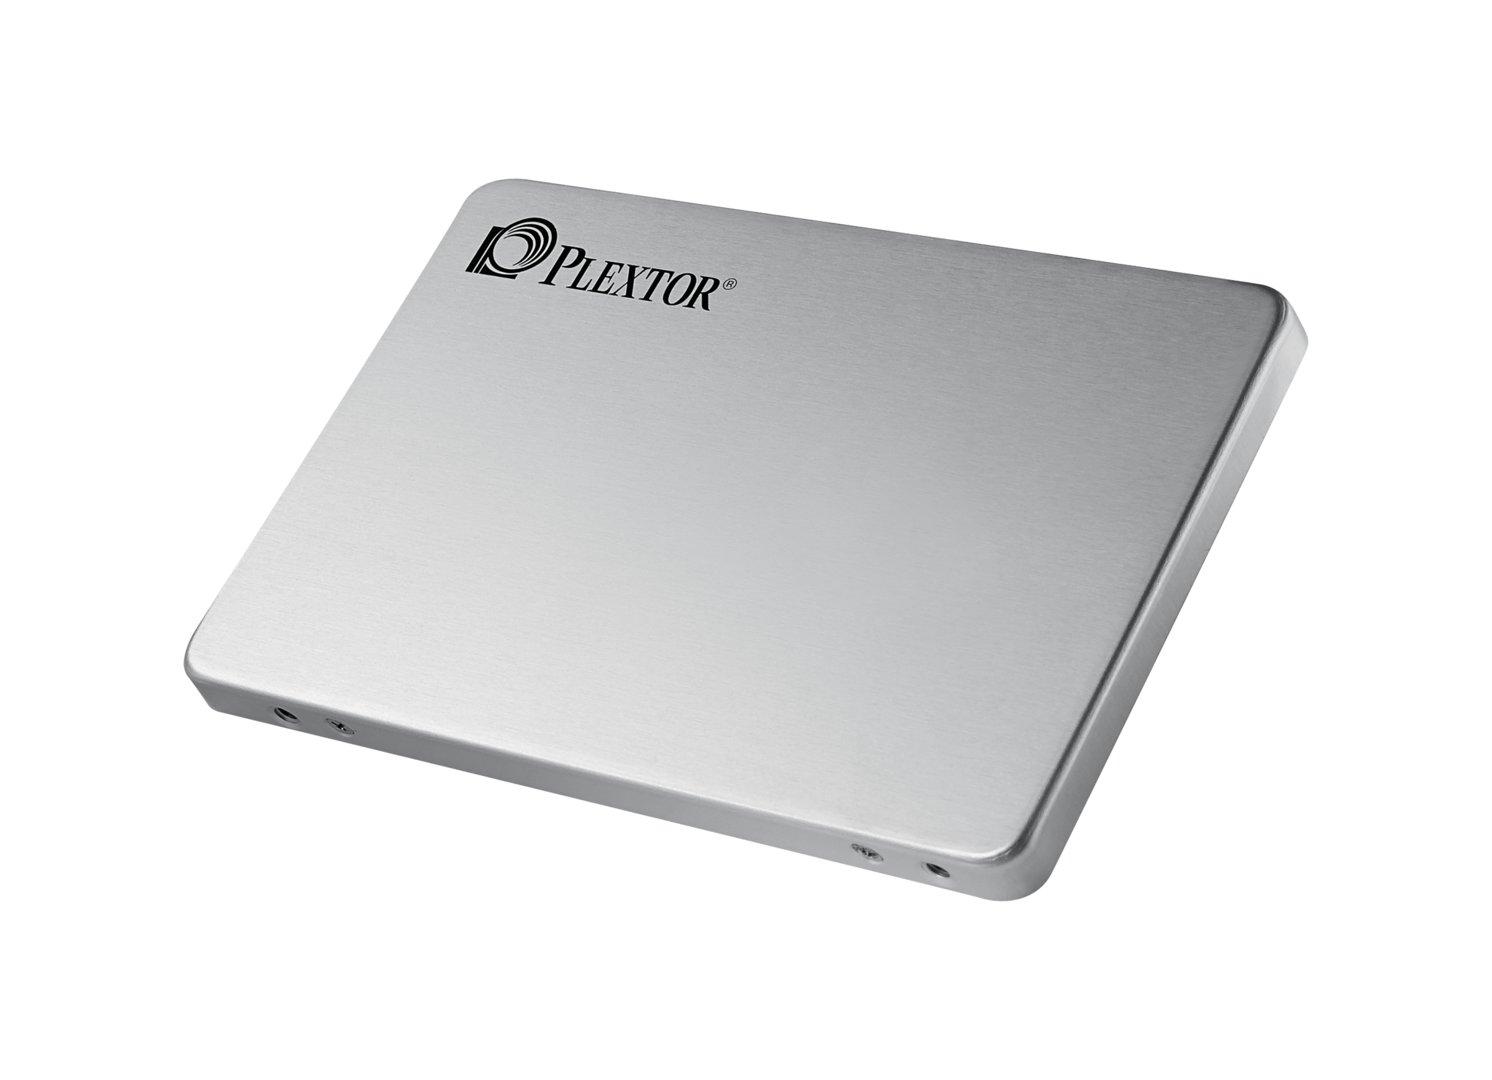 Plextor S3C im 2,5-Zoll-Gehäuse